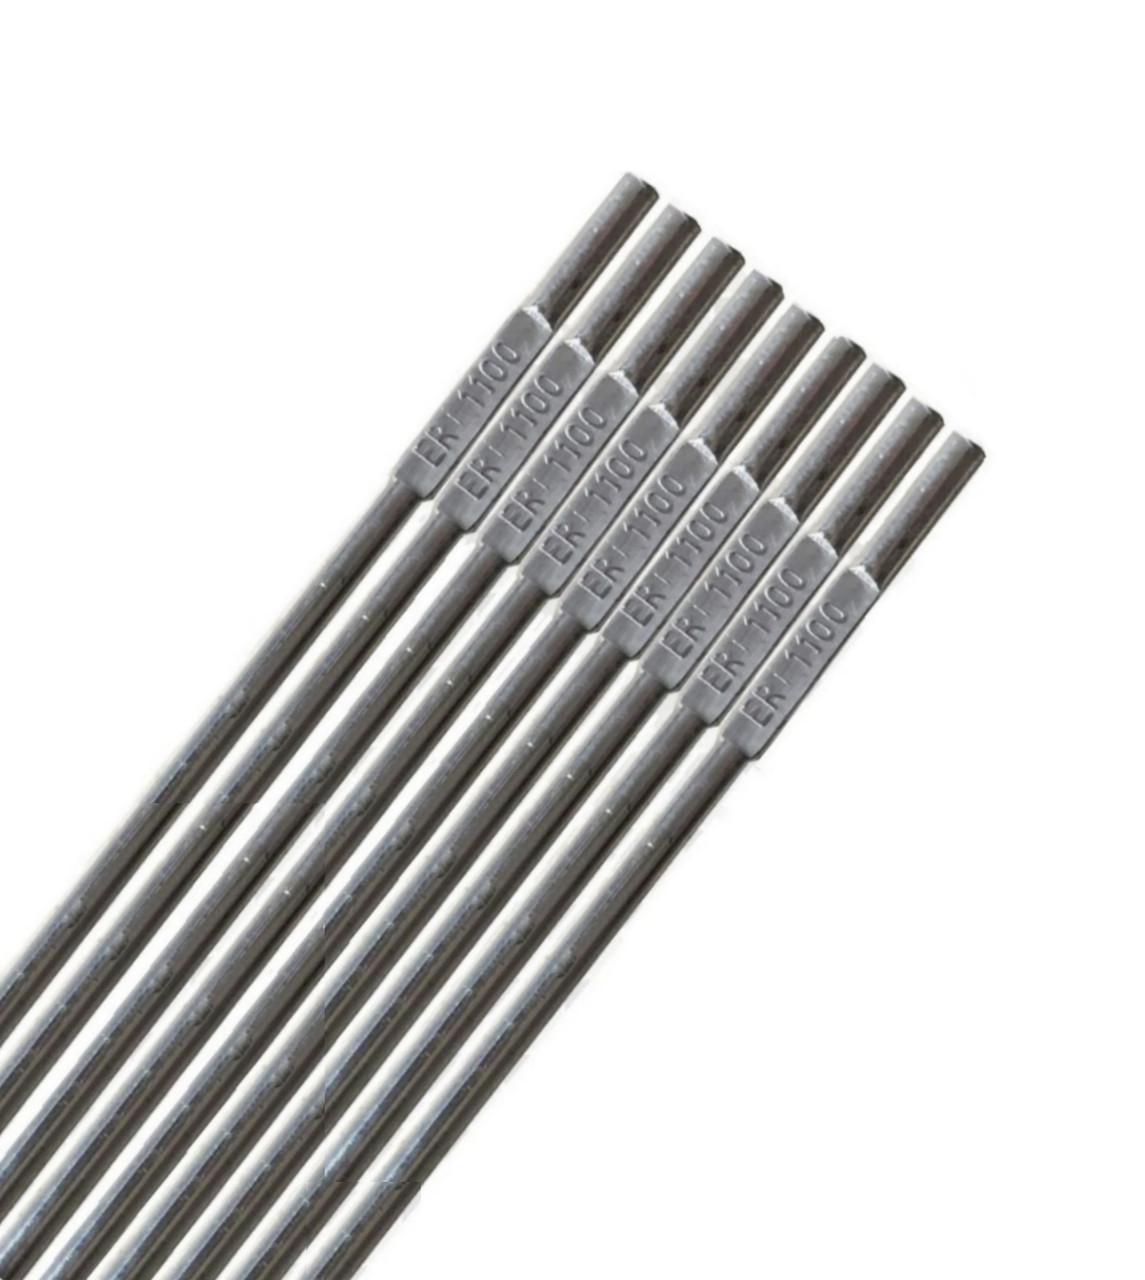 Пруток Ø2,4 мм ER1100(СвА5) для сварки алюминиевых сплавов (упаковка 0,5 кг)